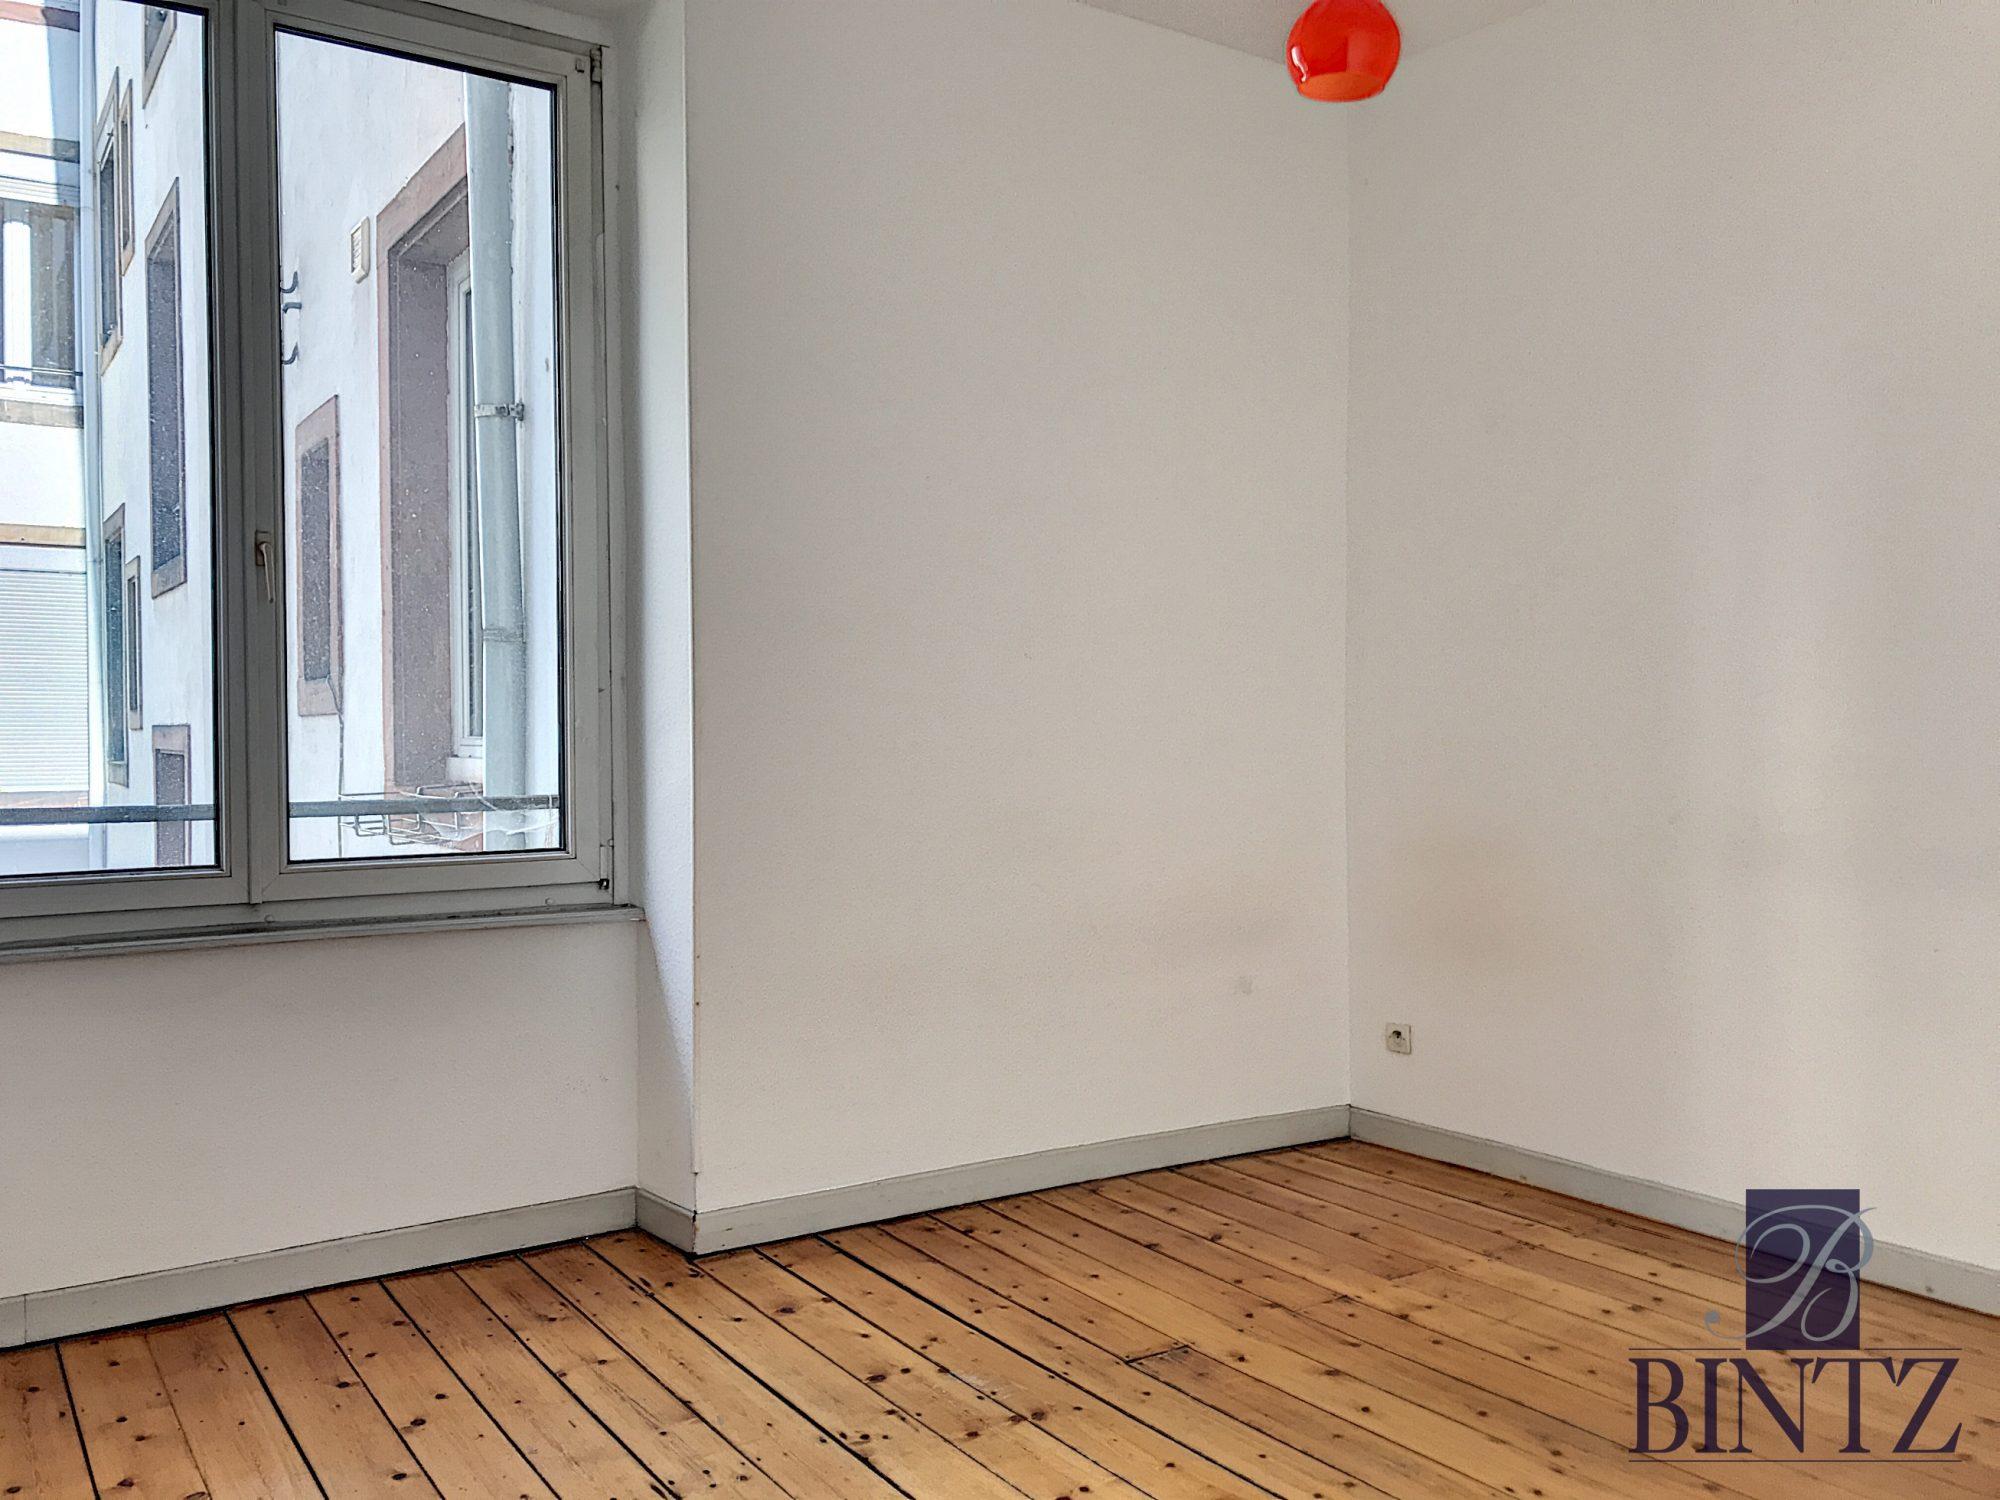 5 pièces entre Gare et Grande Ile - Devenez propriétaire en toute confiance - Bintz Immobilier - 5